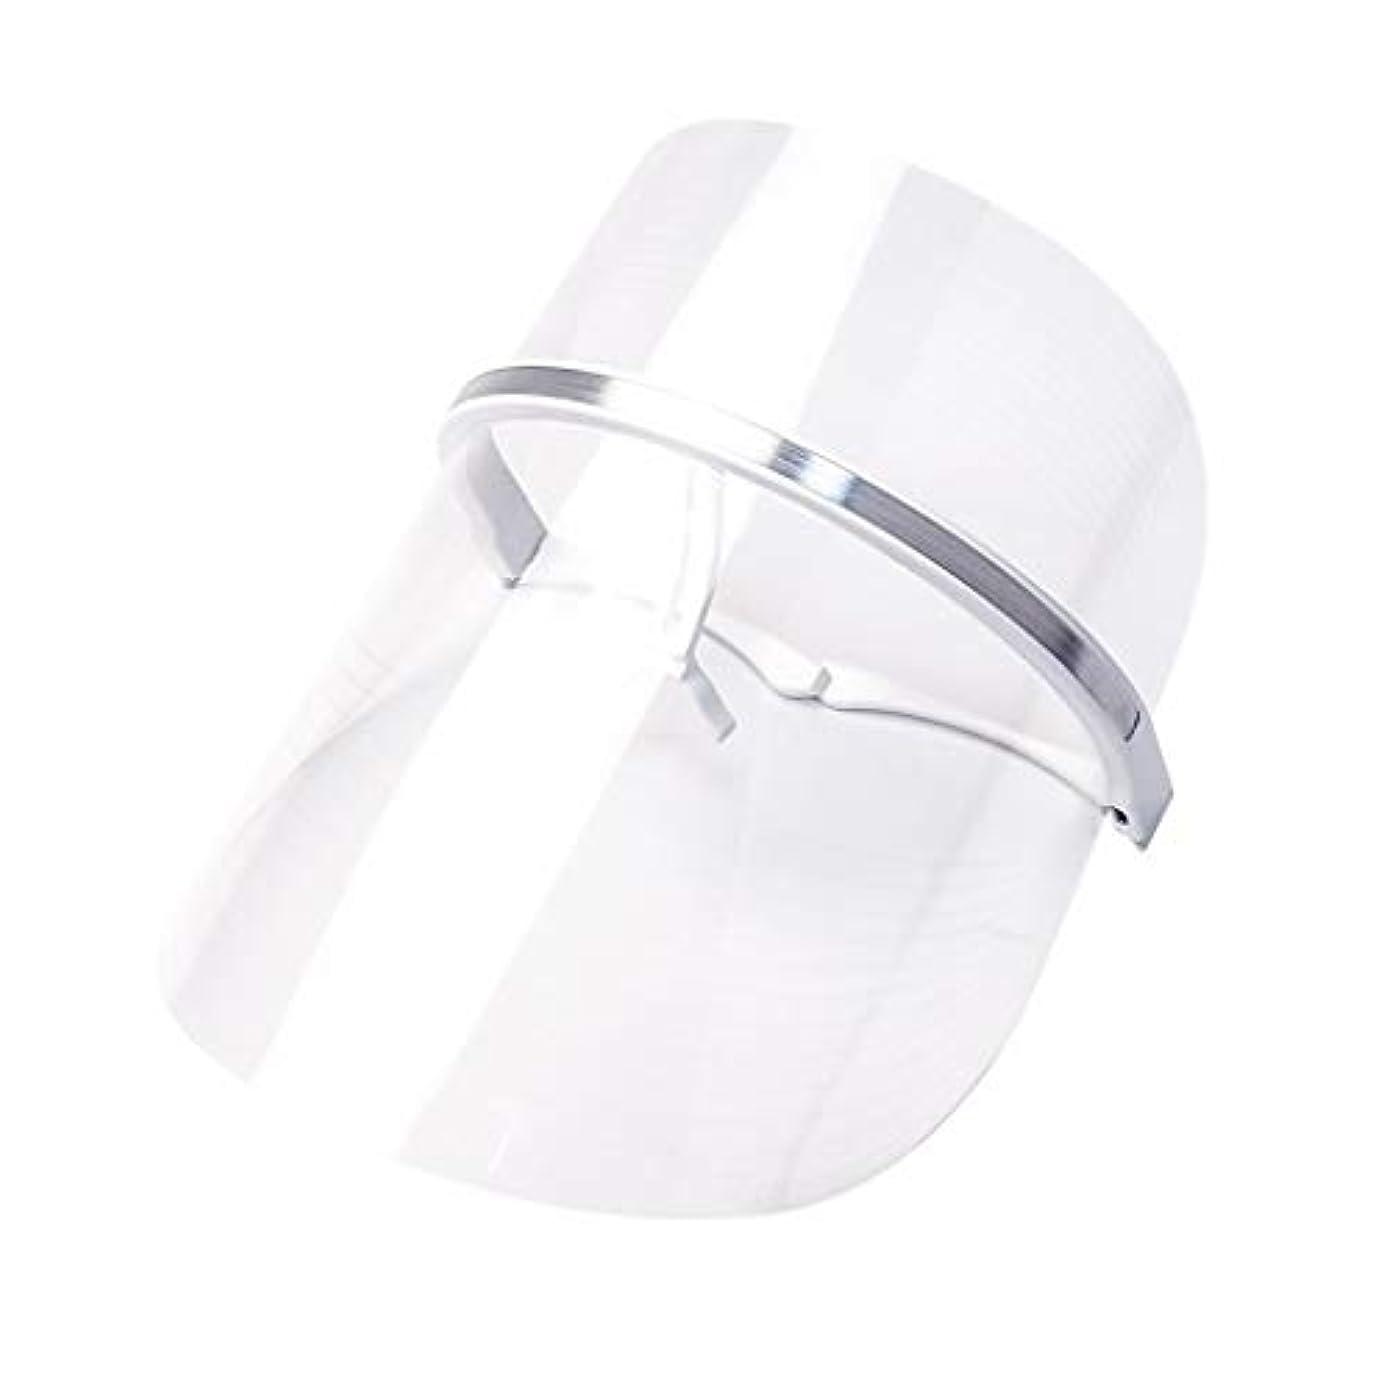 持続的浮浪者彼らのものライトセラピー?マスク、LEDライトセラピーマスクスキンケアフェイシャルマスクセラピー3色アンチエイジングライトセラピーアクネスキンファーミングディープリペアマスク (Color : Clear)